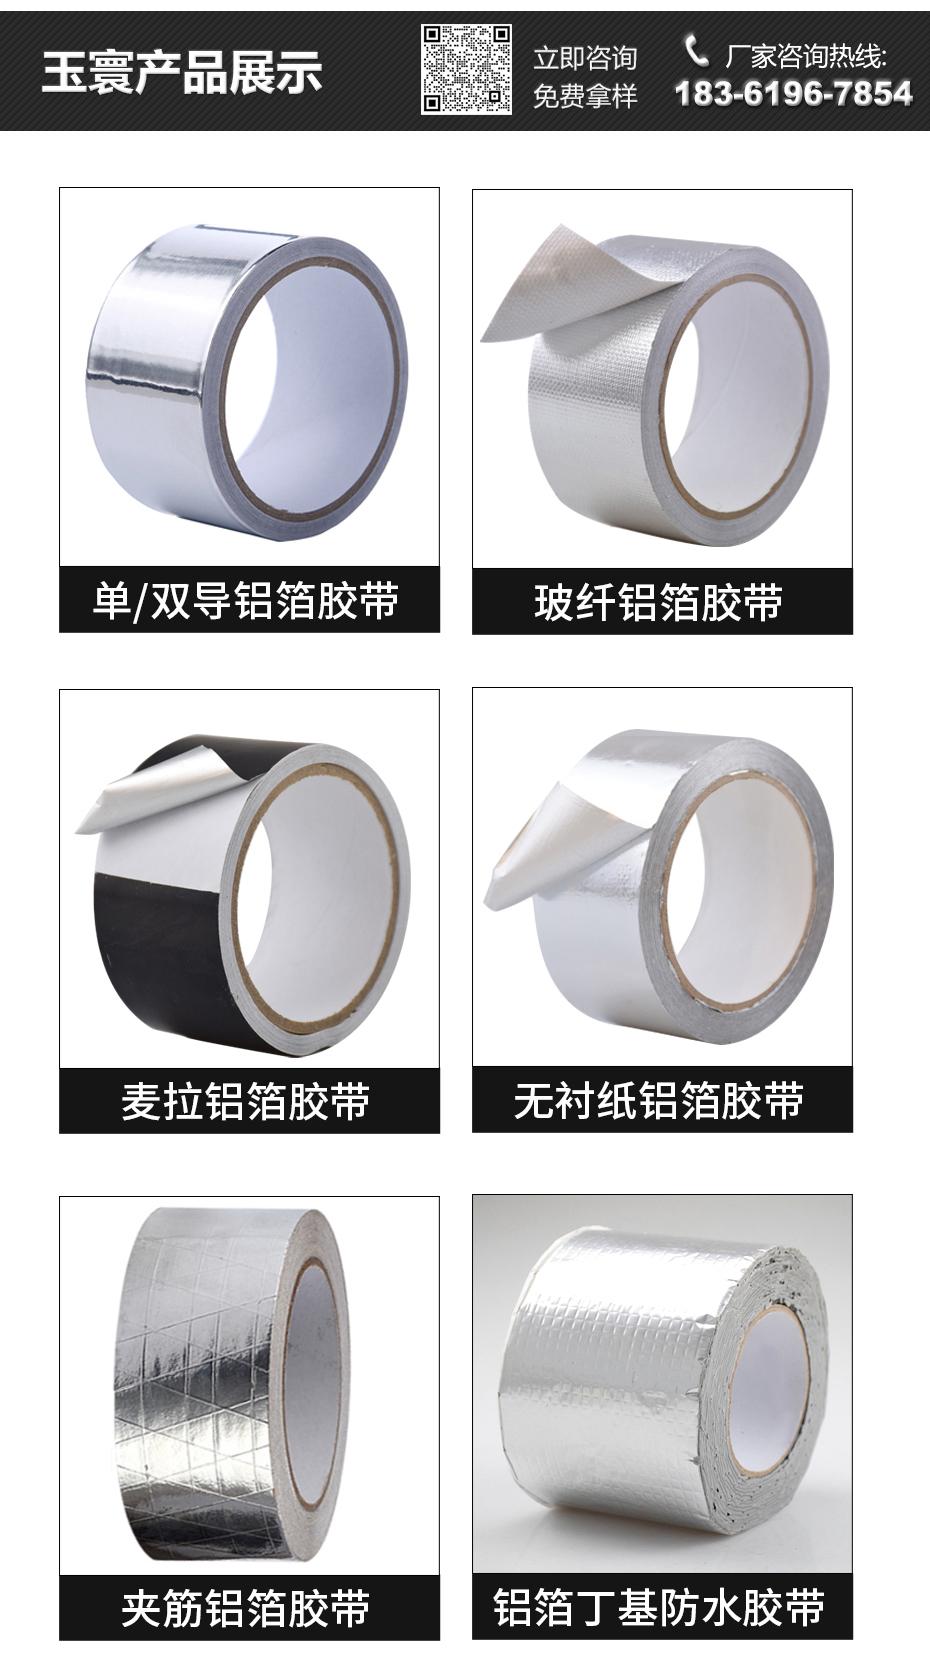 铝箔胶带应用